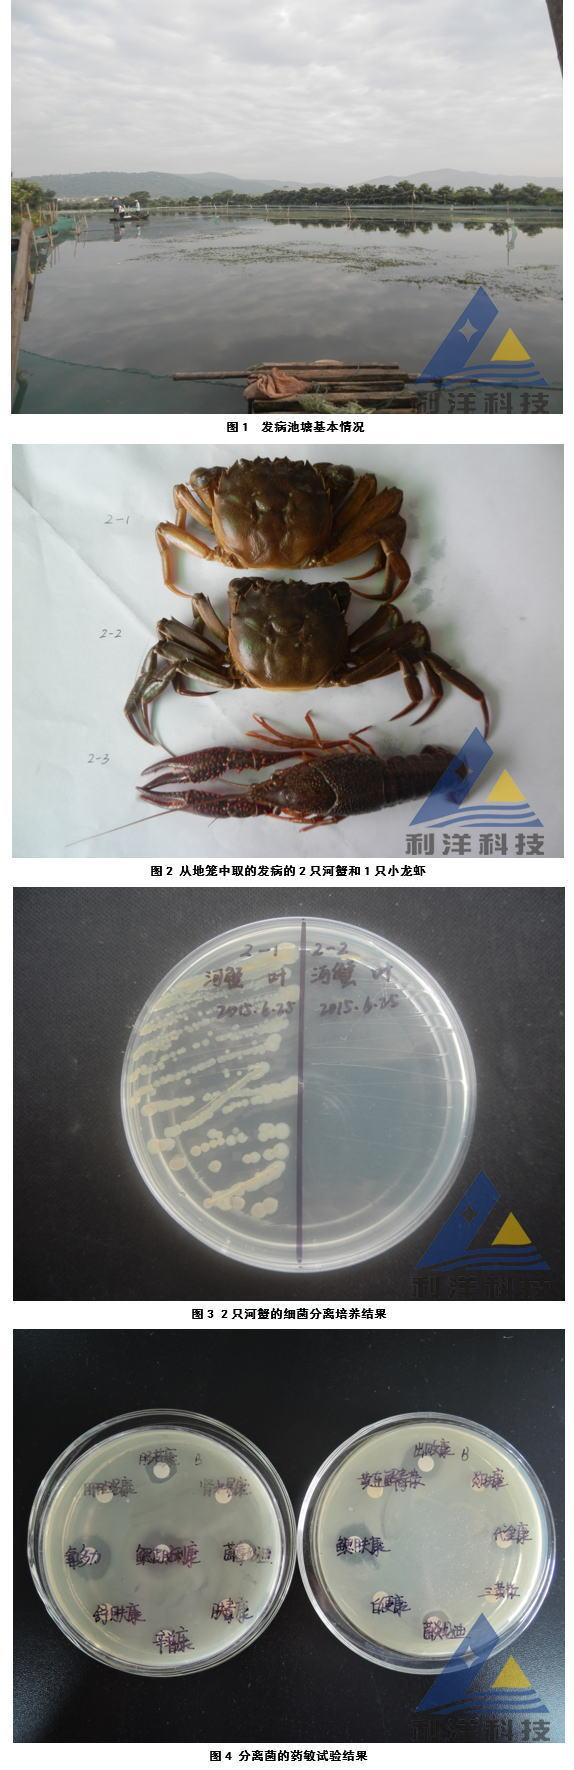 白斑症病毒(WSSV)引起小龙虾、河蟹发病一例